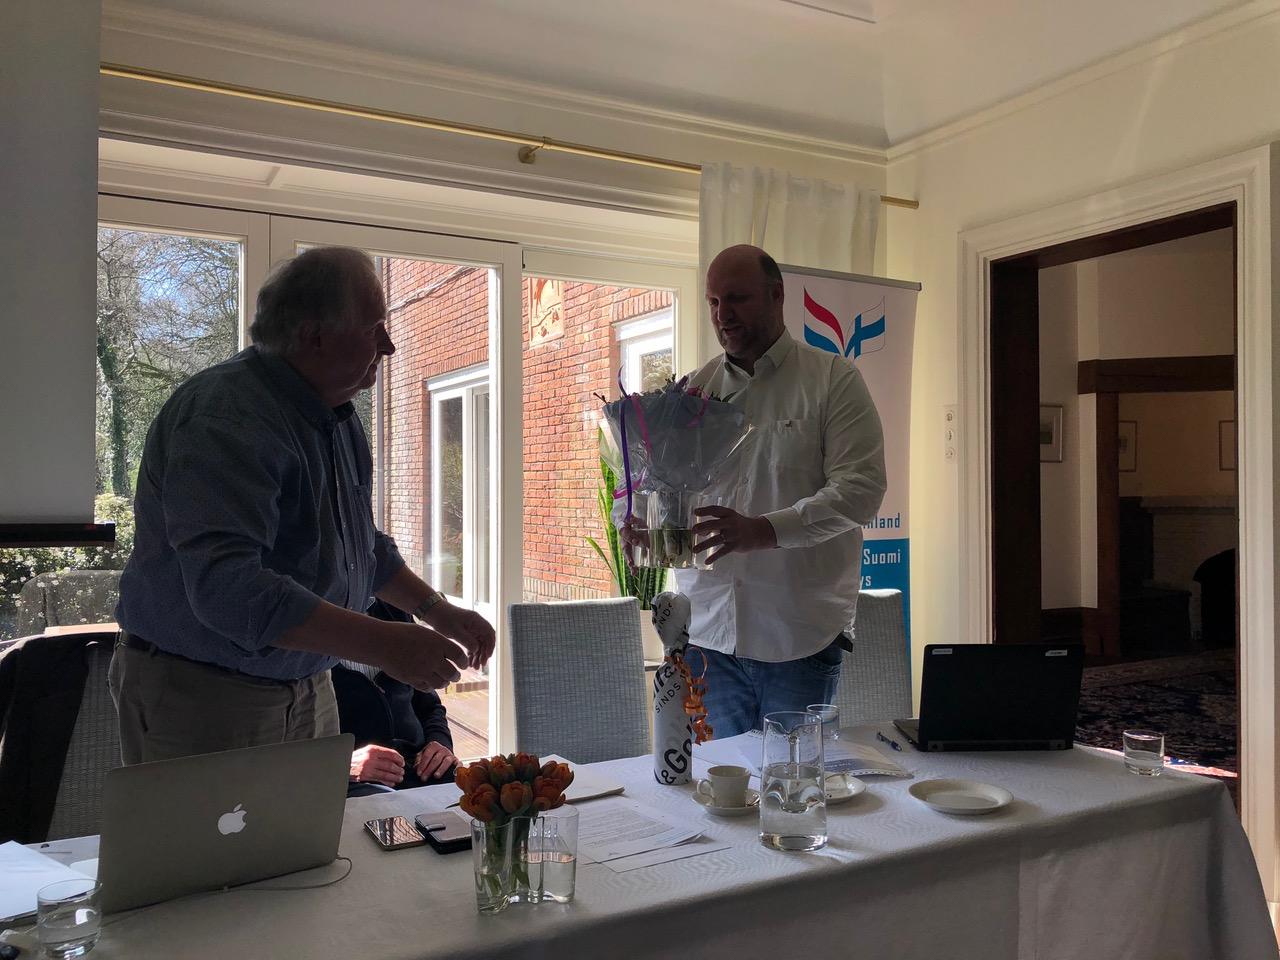 Marco Blankenstein treed af als penningmeester VNF en wordt bedankt door de voorzitter Rune Frants